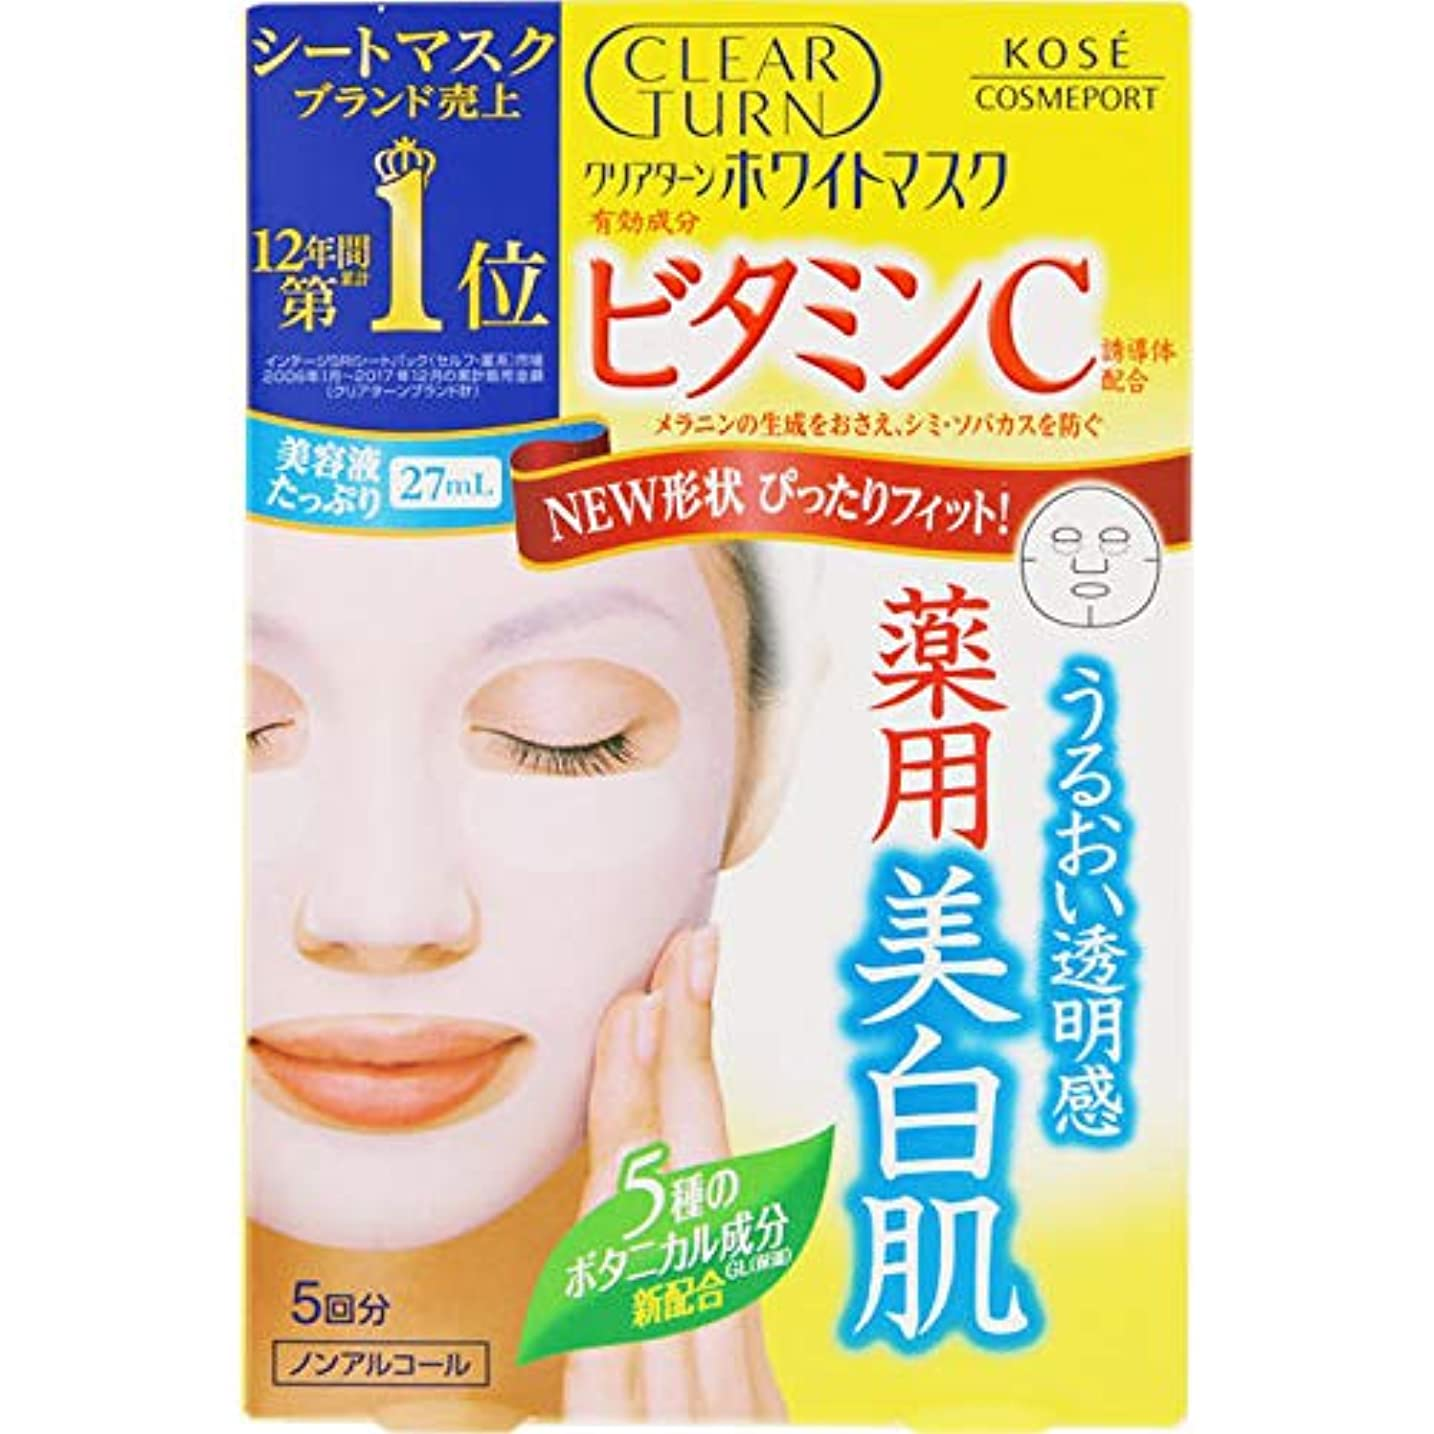 混雑つかまえるフィッティングコーセー クリアターン ホワイト マスク (ビタミンC) 5回分